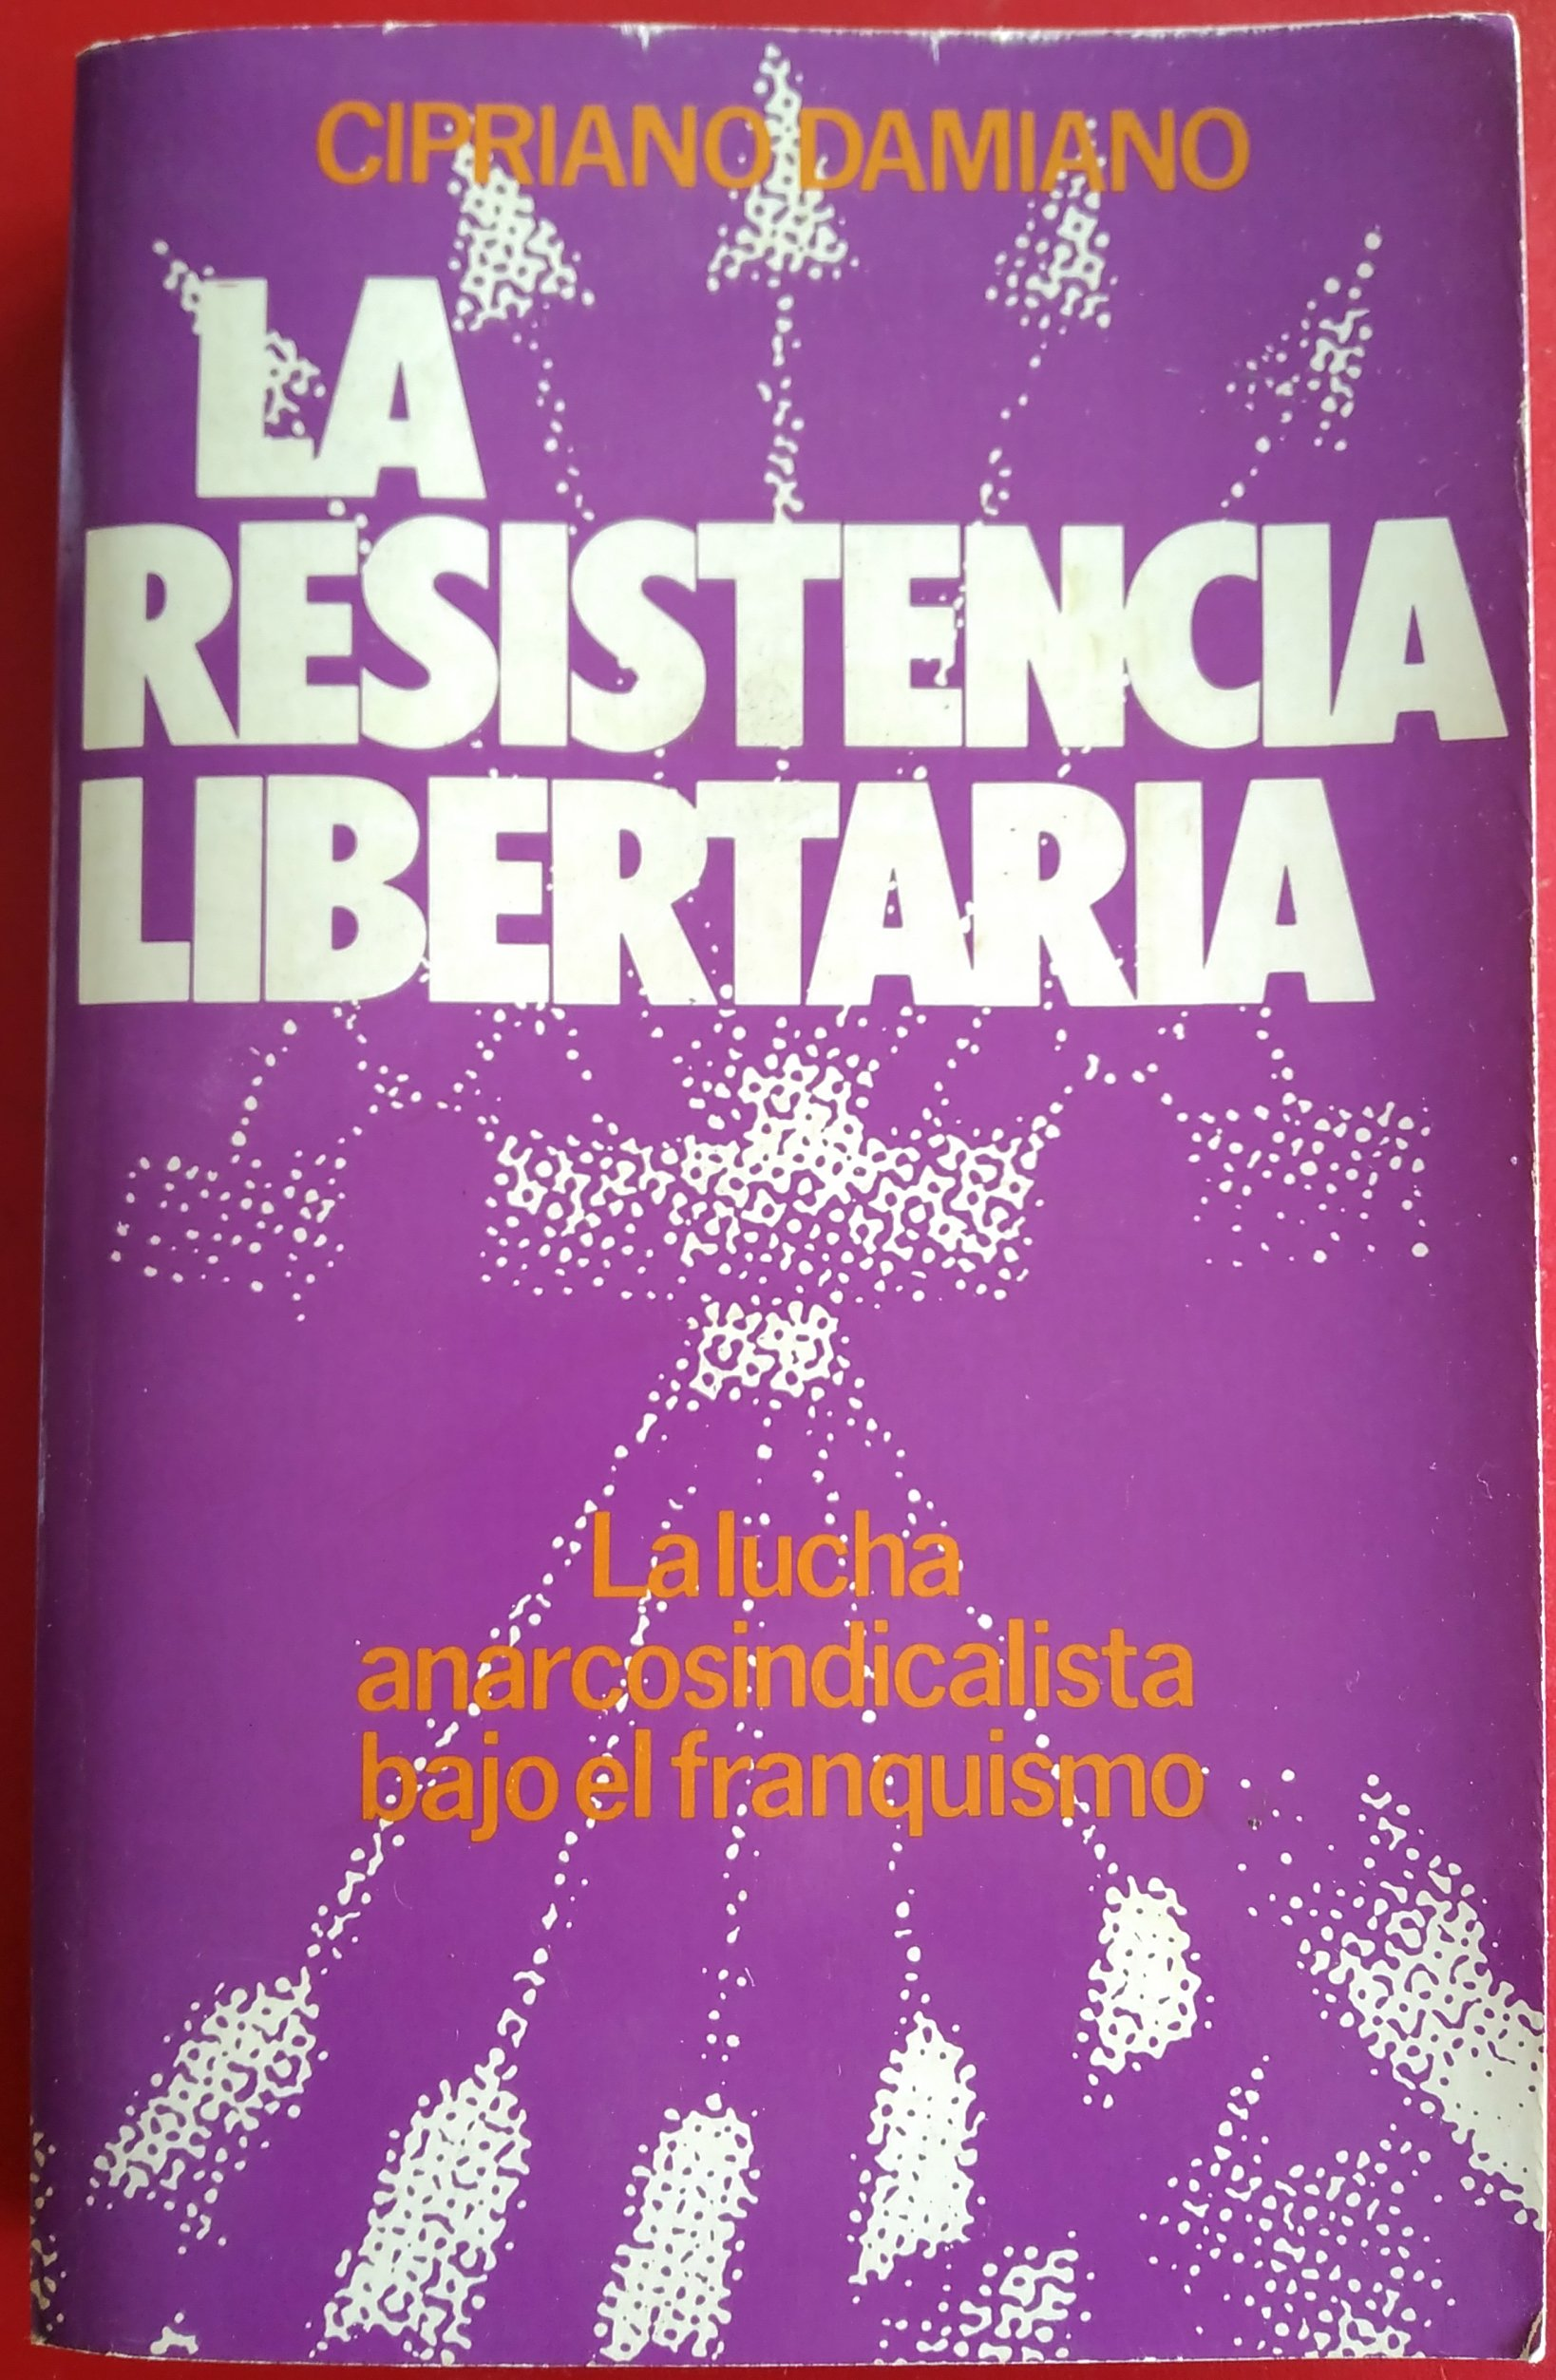 La resistencia libertaria 1939-1970 . La lucha anarcosindicalista bajo el franquismo: Amazon.es: Cipriano Damiano: Libros